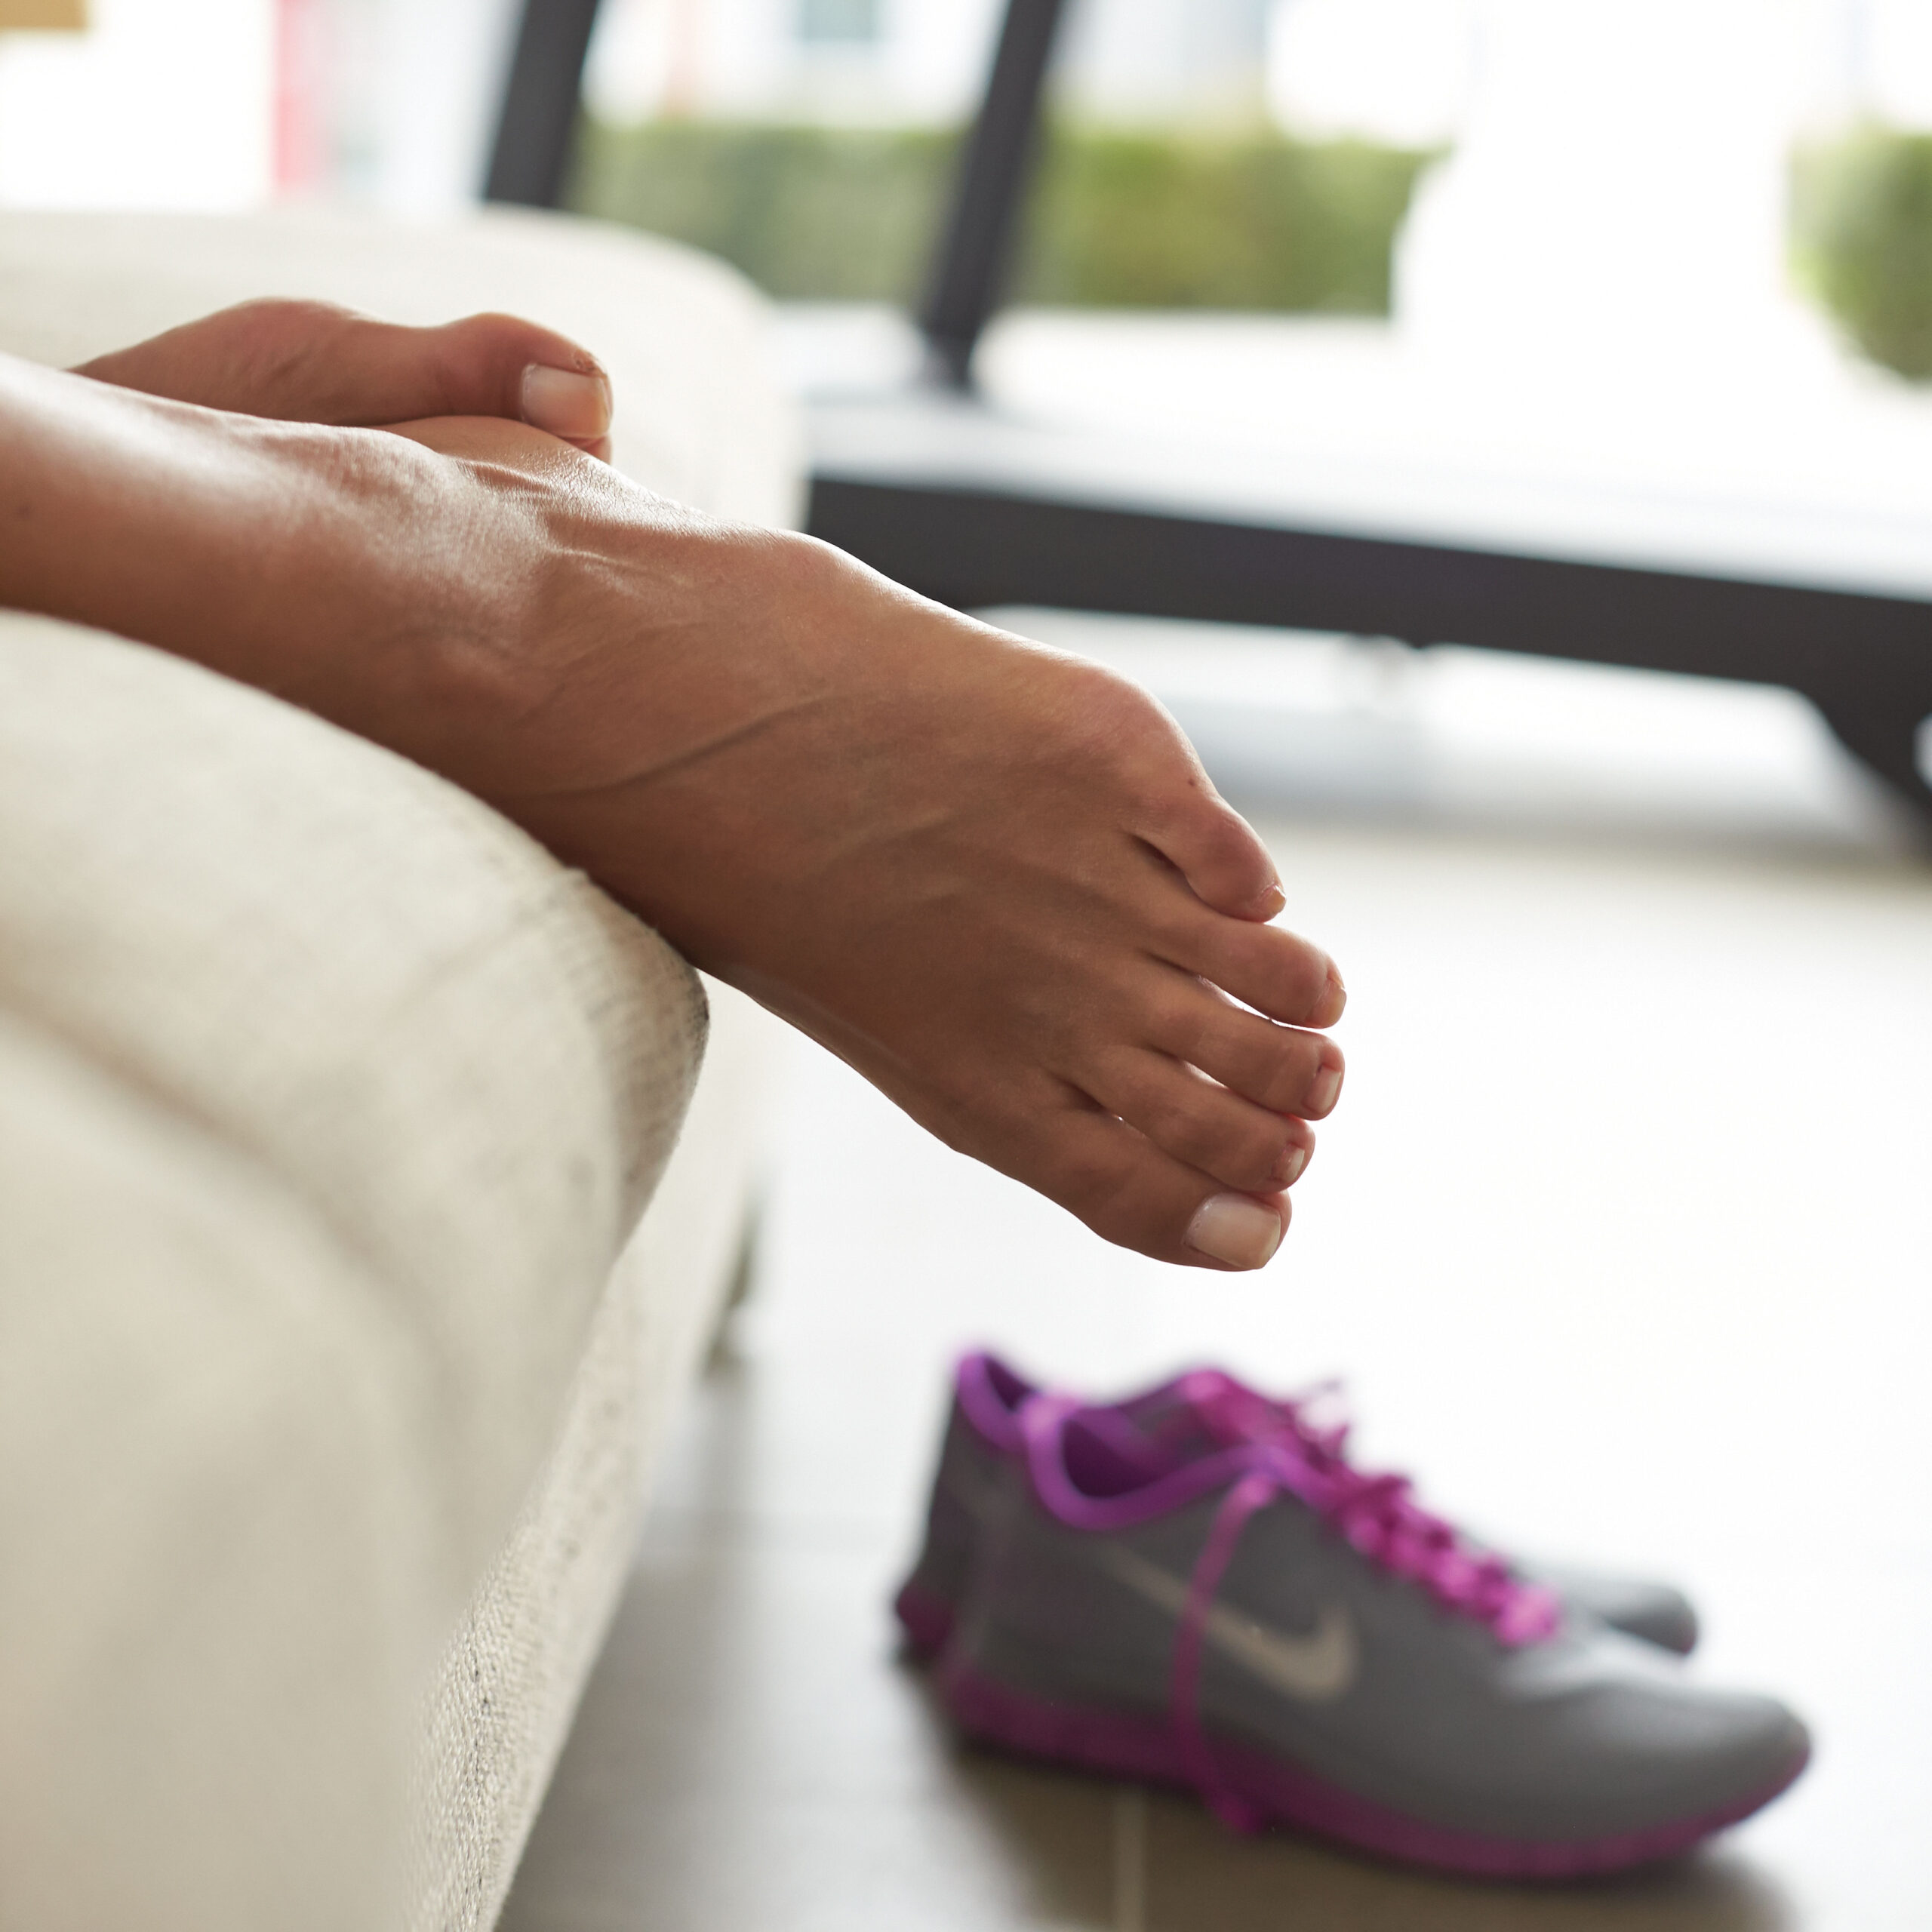 Bong mắt cá chân là loại chấn thương khá dễ gặp dù tập với máy chạy bộ hay chạy ngoài trời